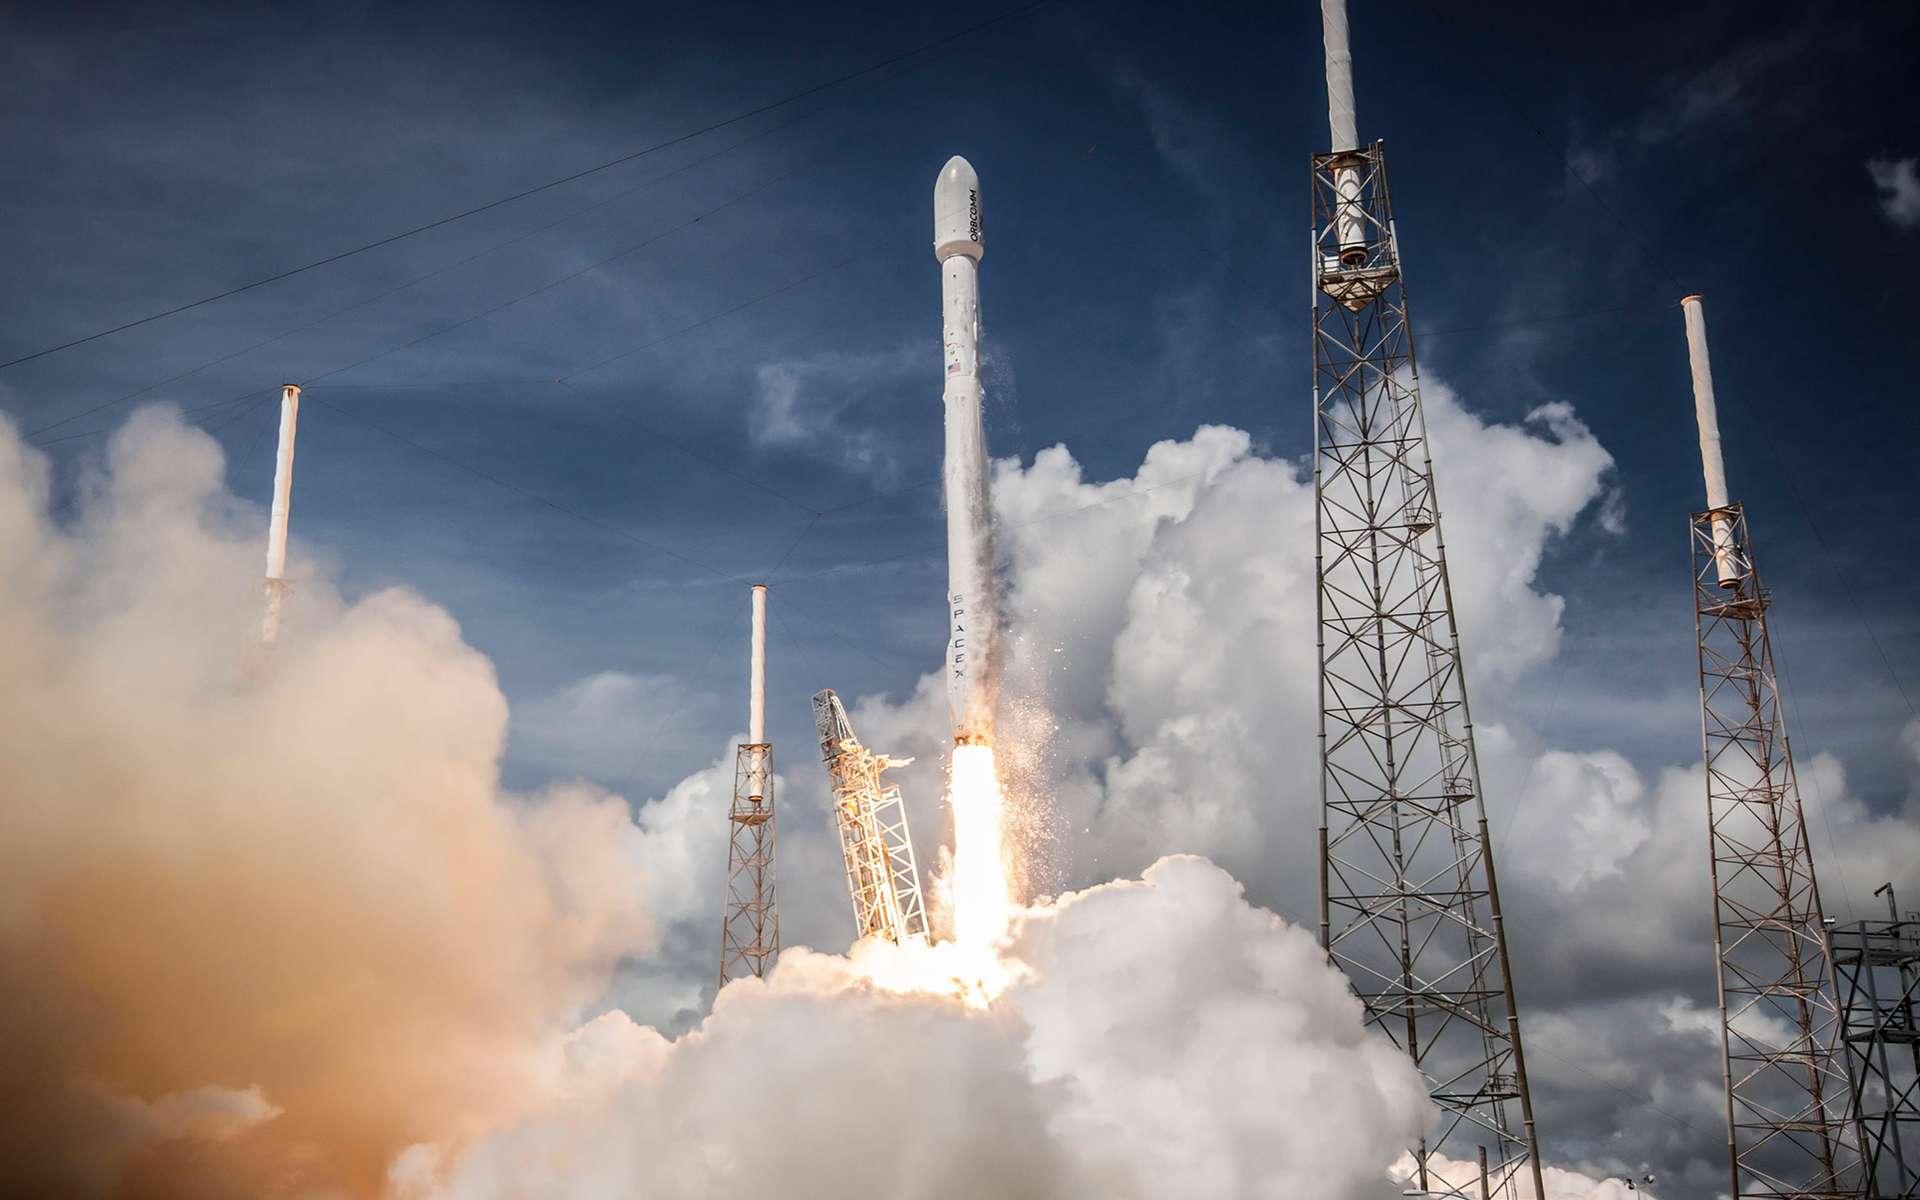 Un lanceur Falcon 9 au décollage avec, à son bord, onze satellites OG2 de la constellation Orbcomm. © SpaceX